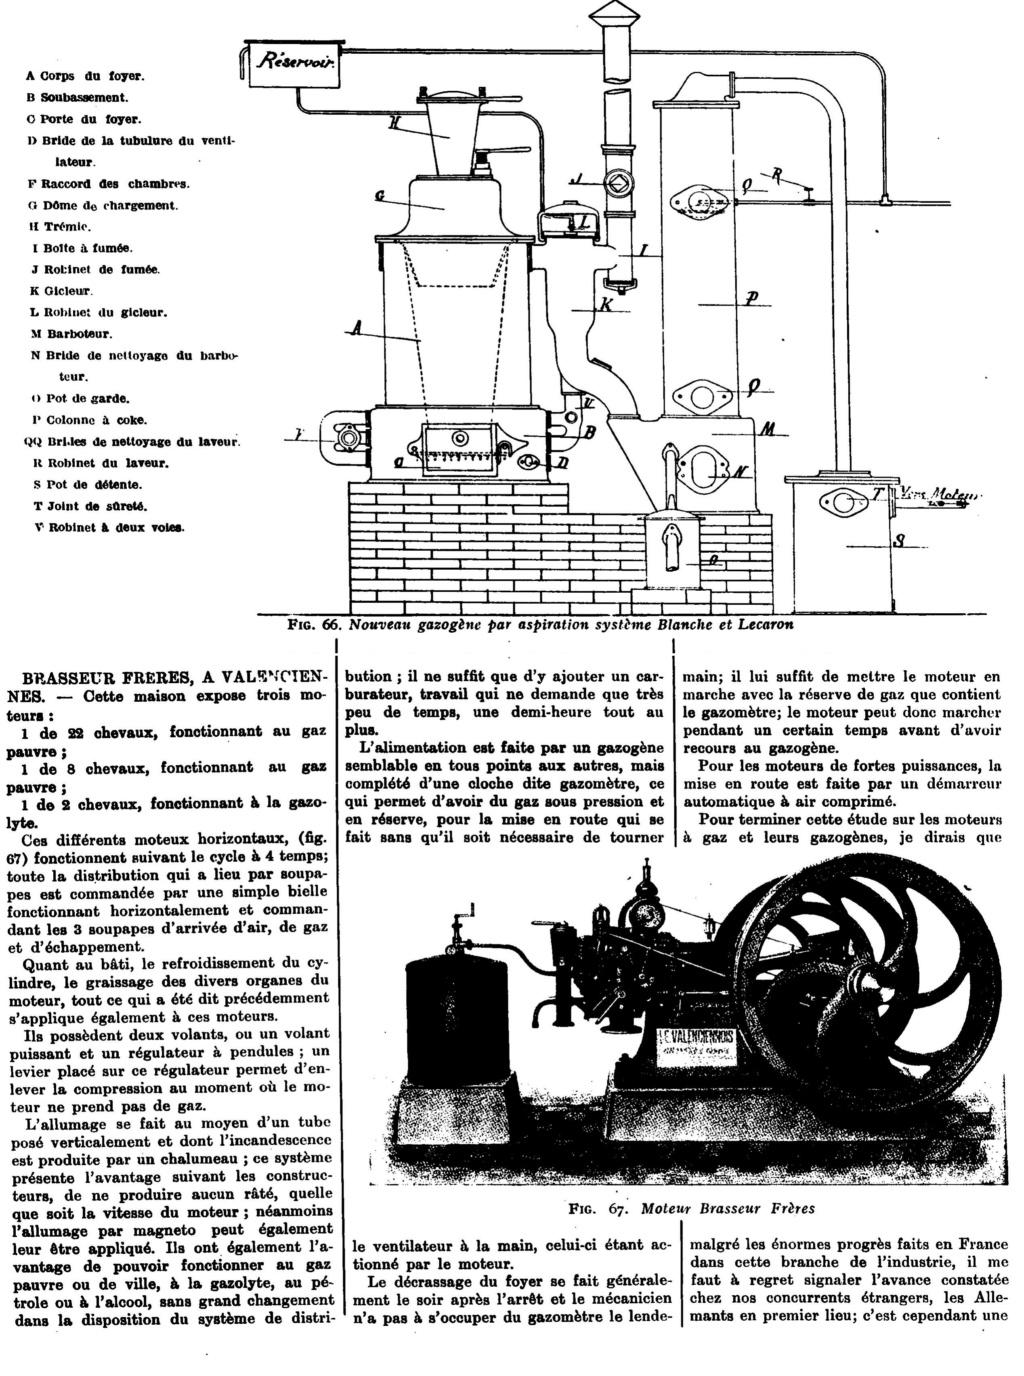 Les moteurs industriels: article de 1913 1369